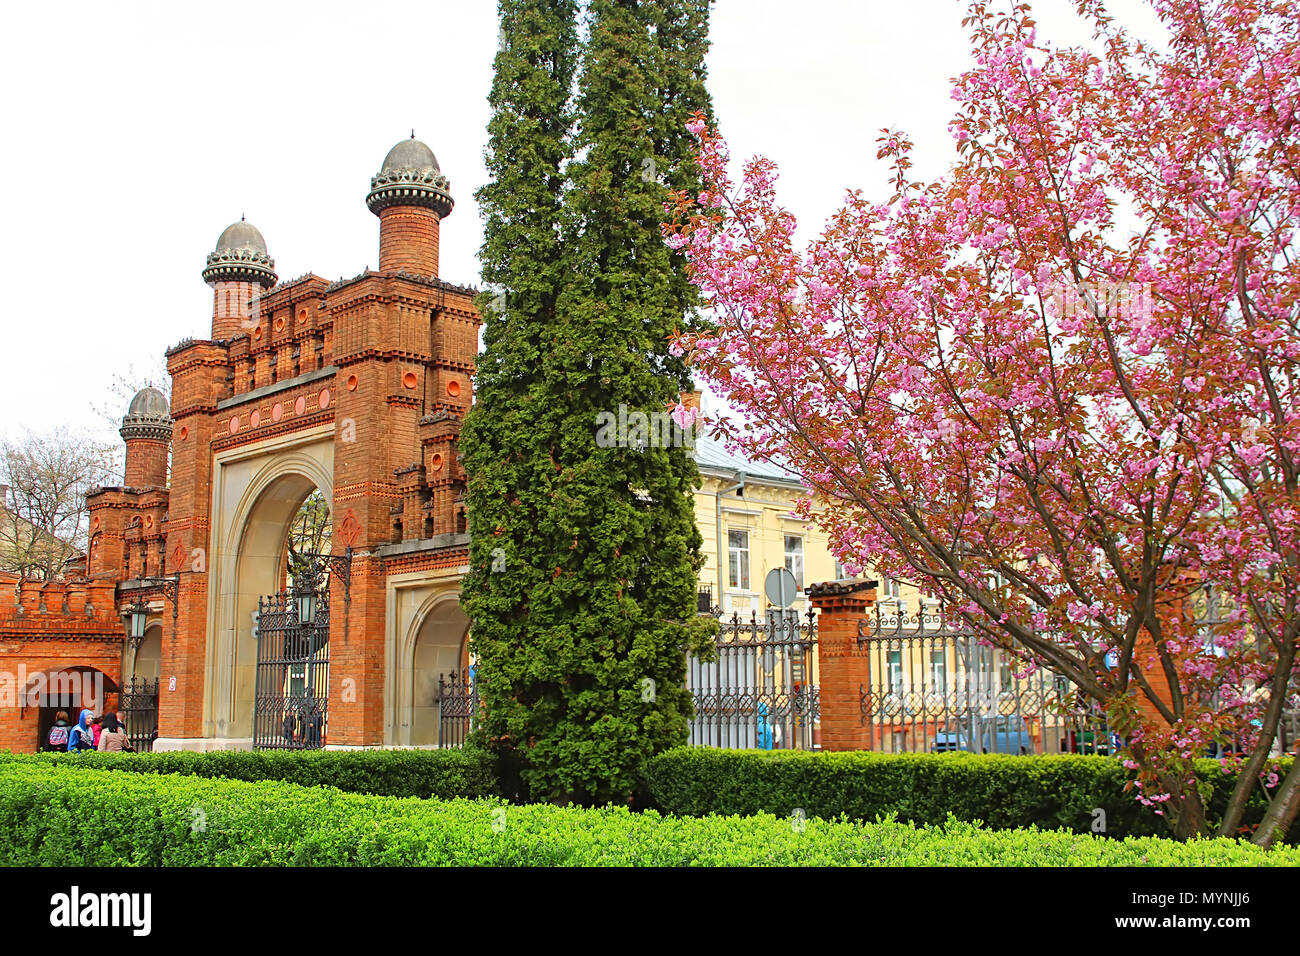 CHERNIVTSI, UKRAINE - APRIL 22, 2017: Entrance to Chernivtsi University (the former Metropolitans residence), Ukraine - Stock Image